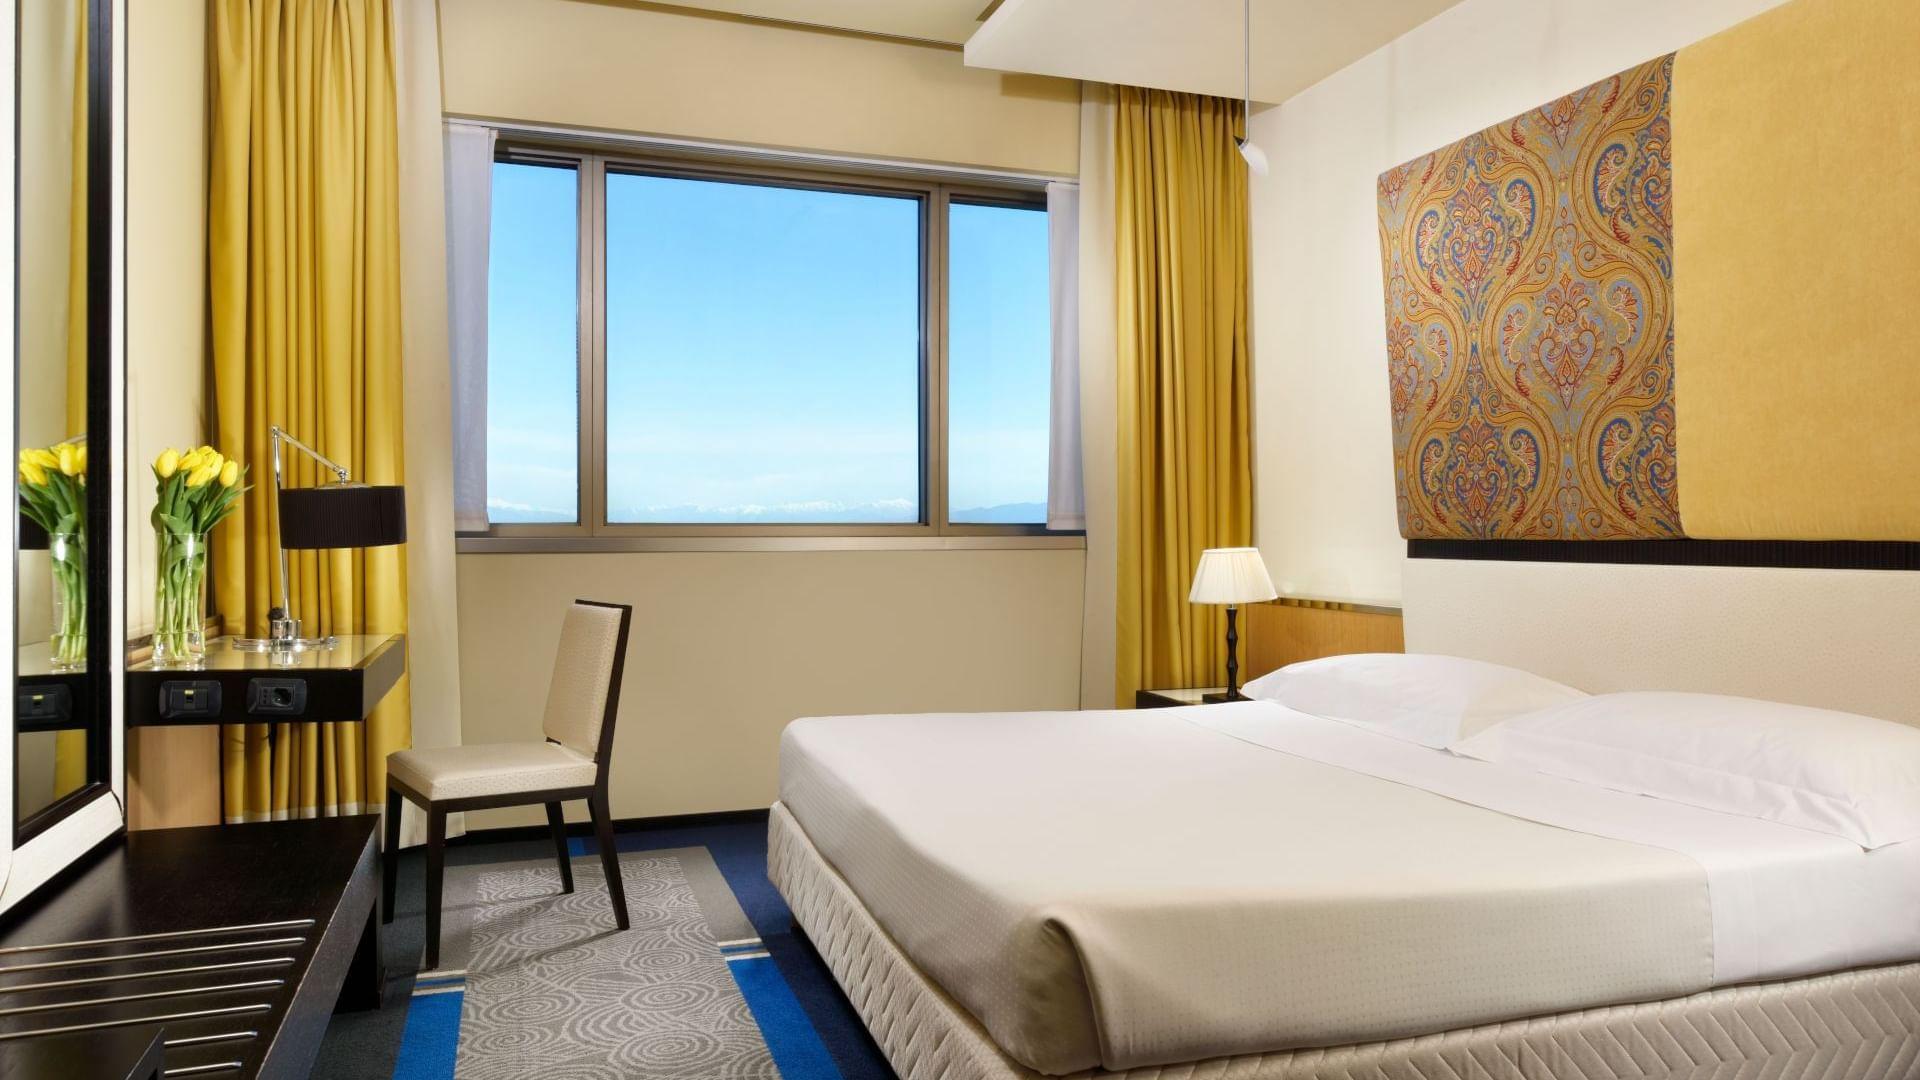 Stanze spaziose per un soggiorno all'insegna del comfort.